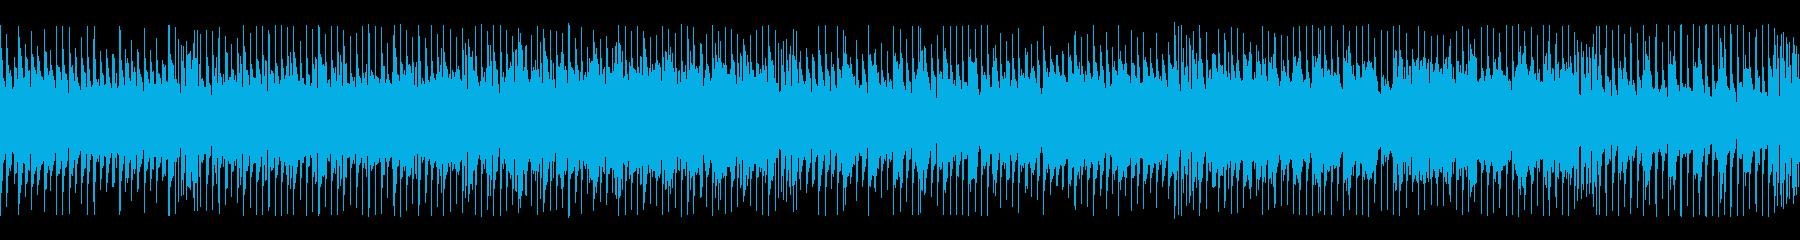 BGM007-03 エレピ伴奏でフルー…の再生済みの波形